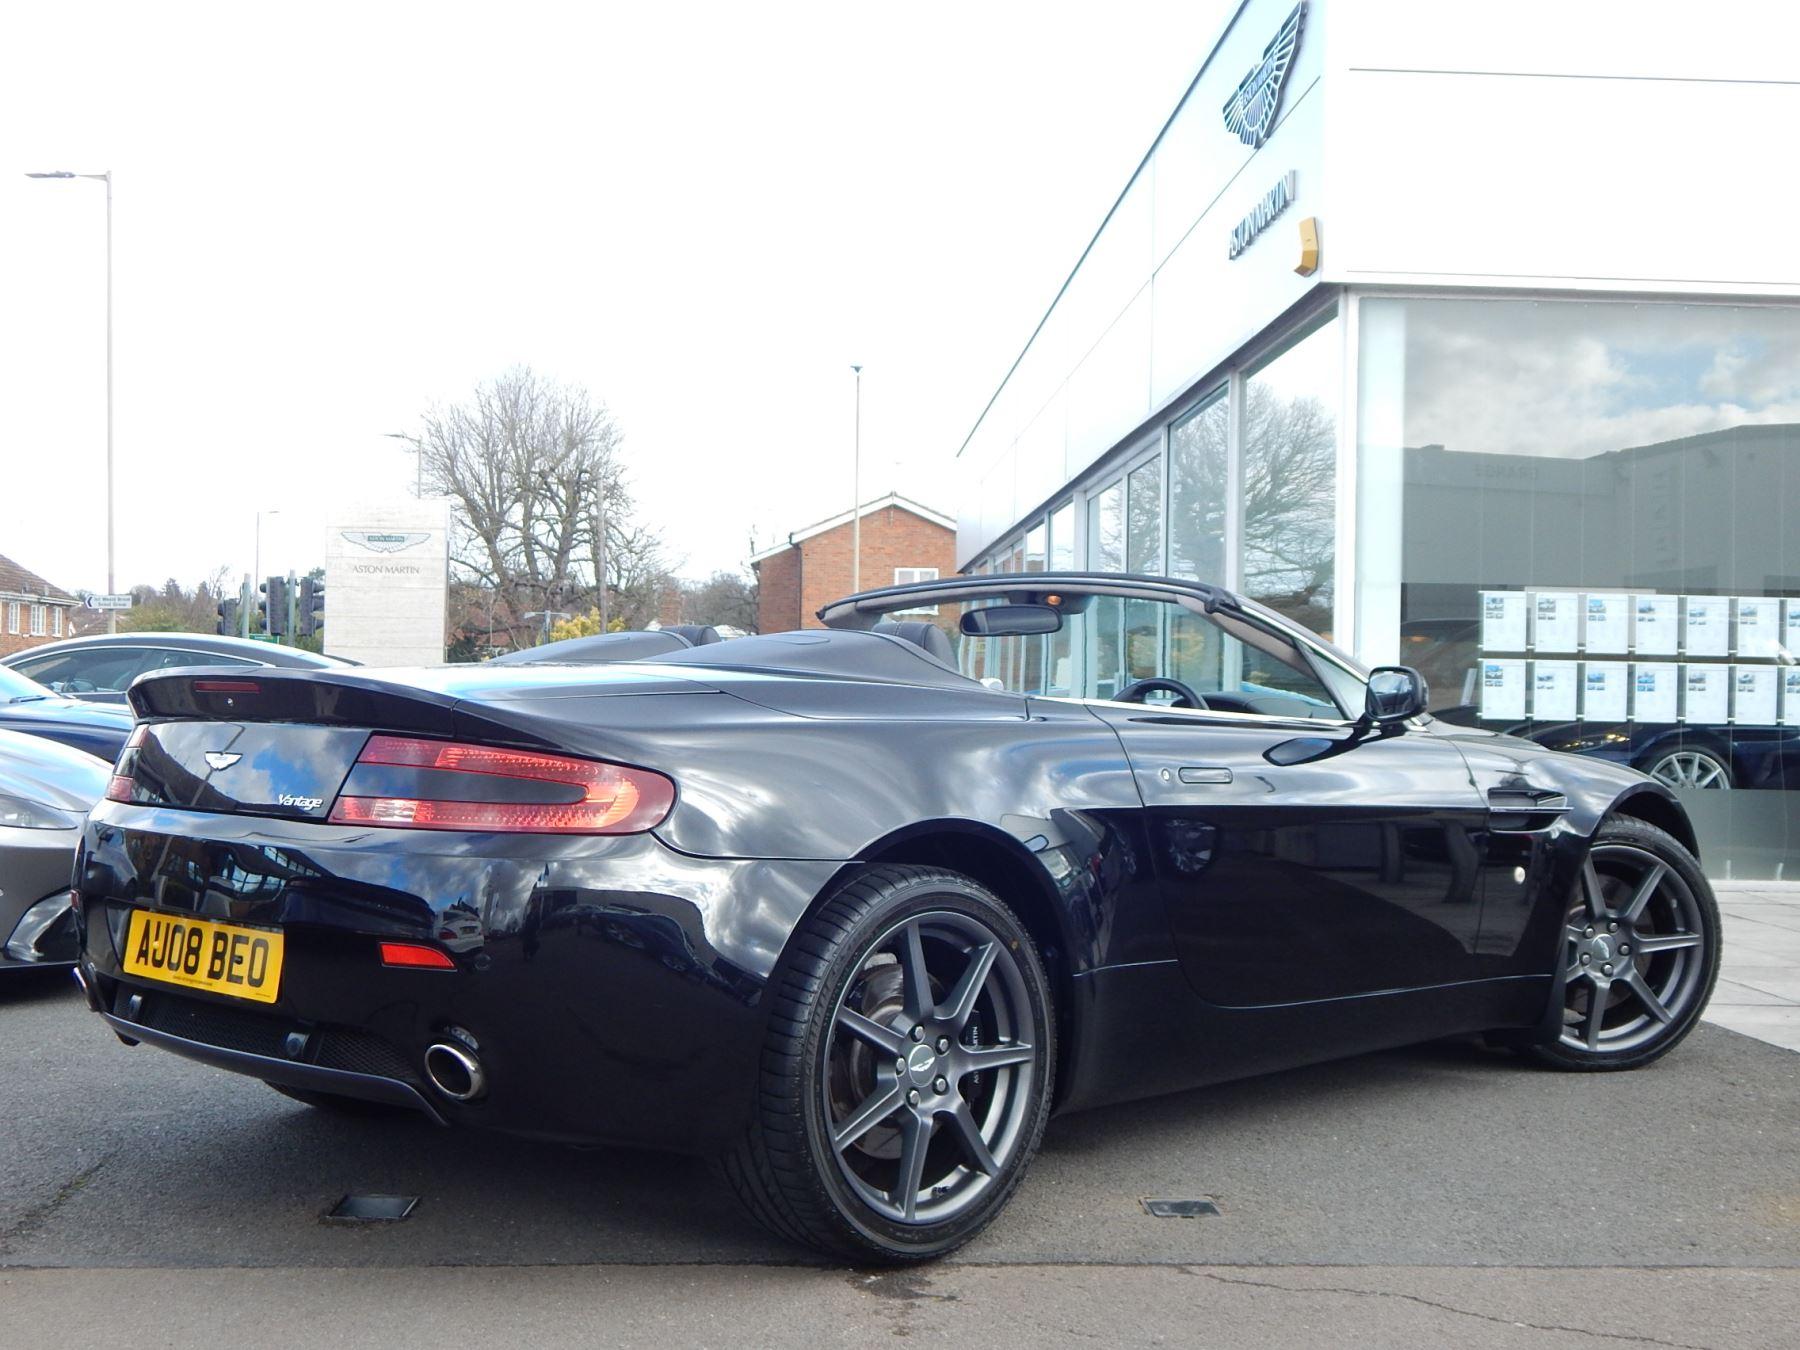 Aston Martin V8 Vantage Roadster 4.3 V8 Roadster image 15